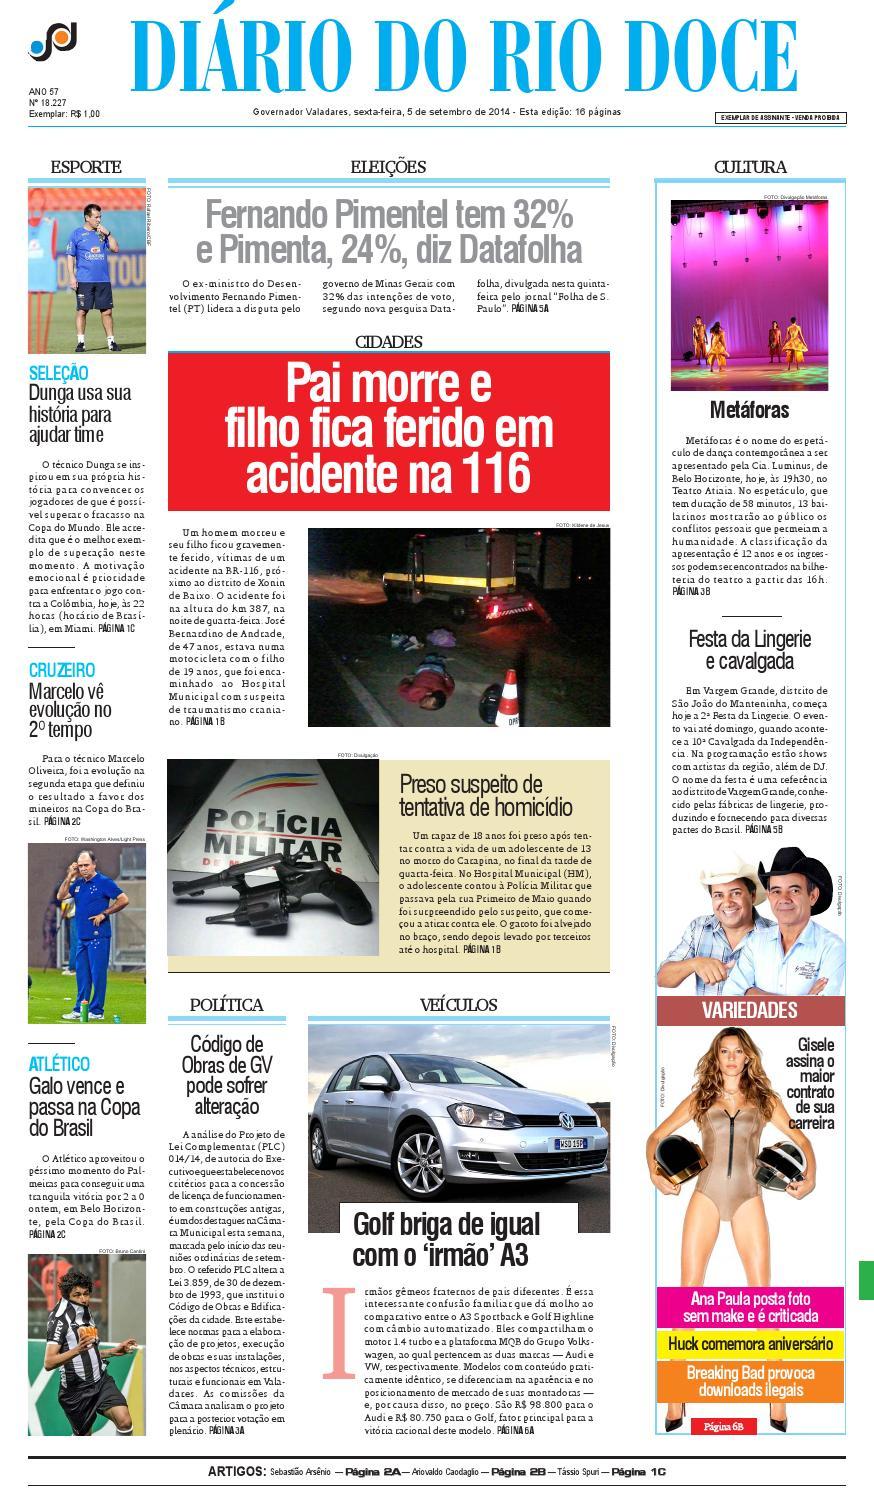 Diário do Rio Doce - Edição de 05 09 2014 by Diário do Rio Doce - issuu 1cbc4ad75dfec